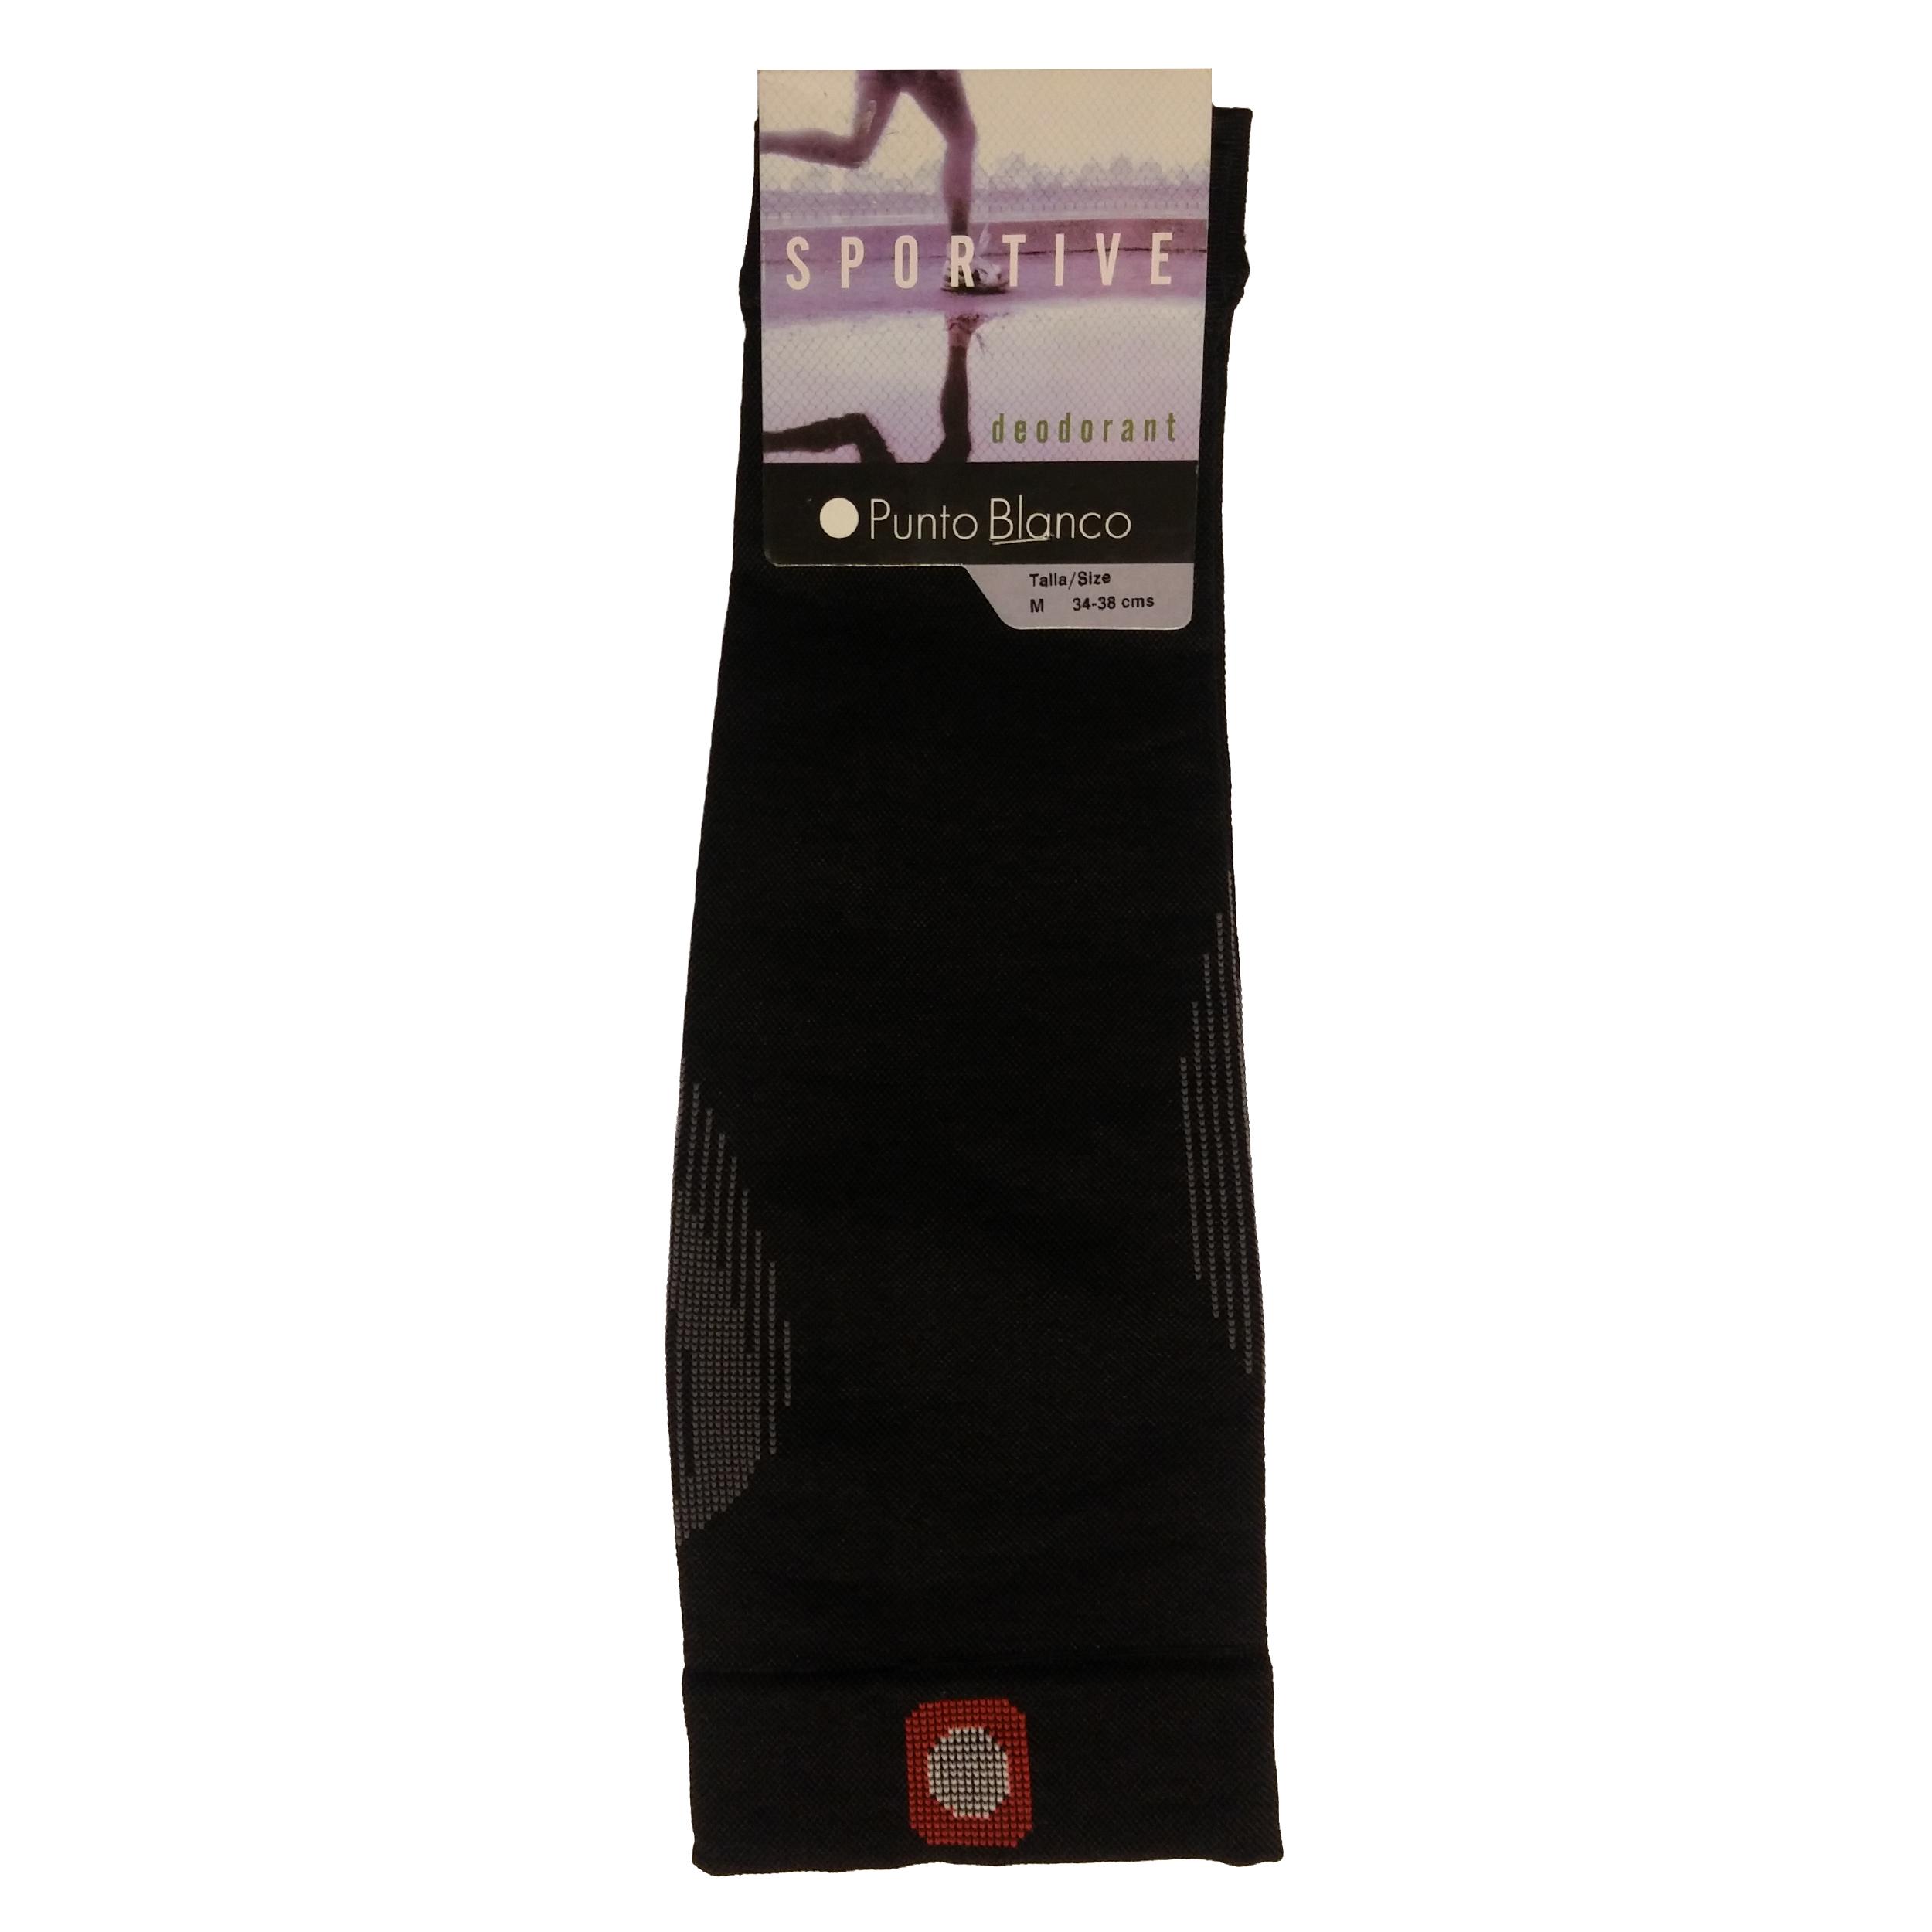 ساق بند ورزشی پونتو بلانکو کد 090-7454750 سایز L-XL